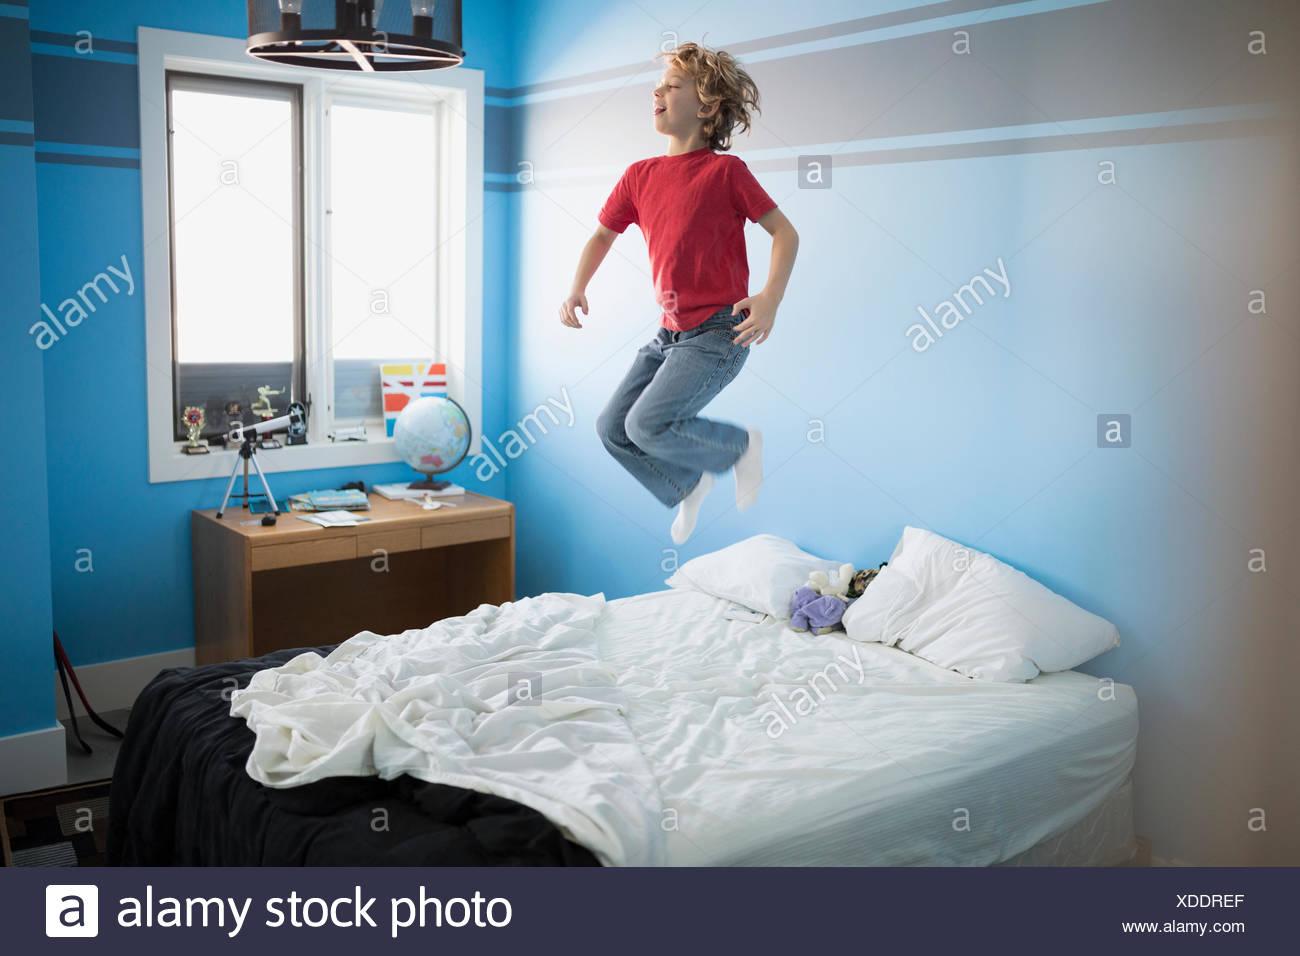 Chico saltando sobre la cama Imagen De Stock